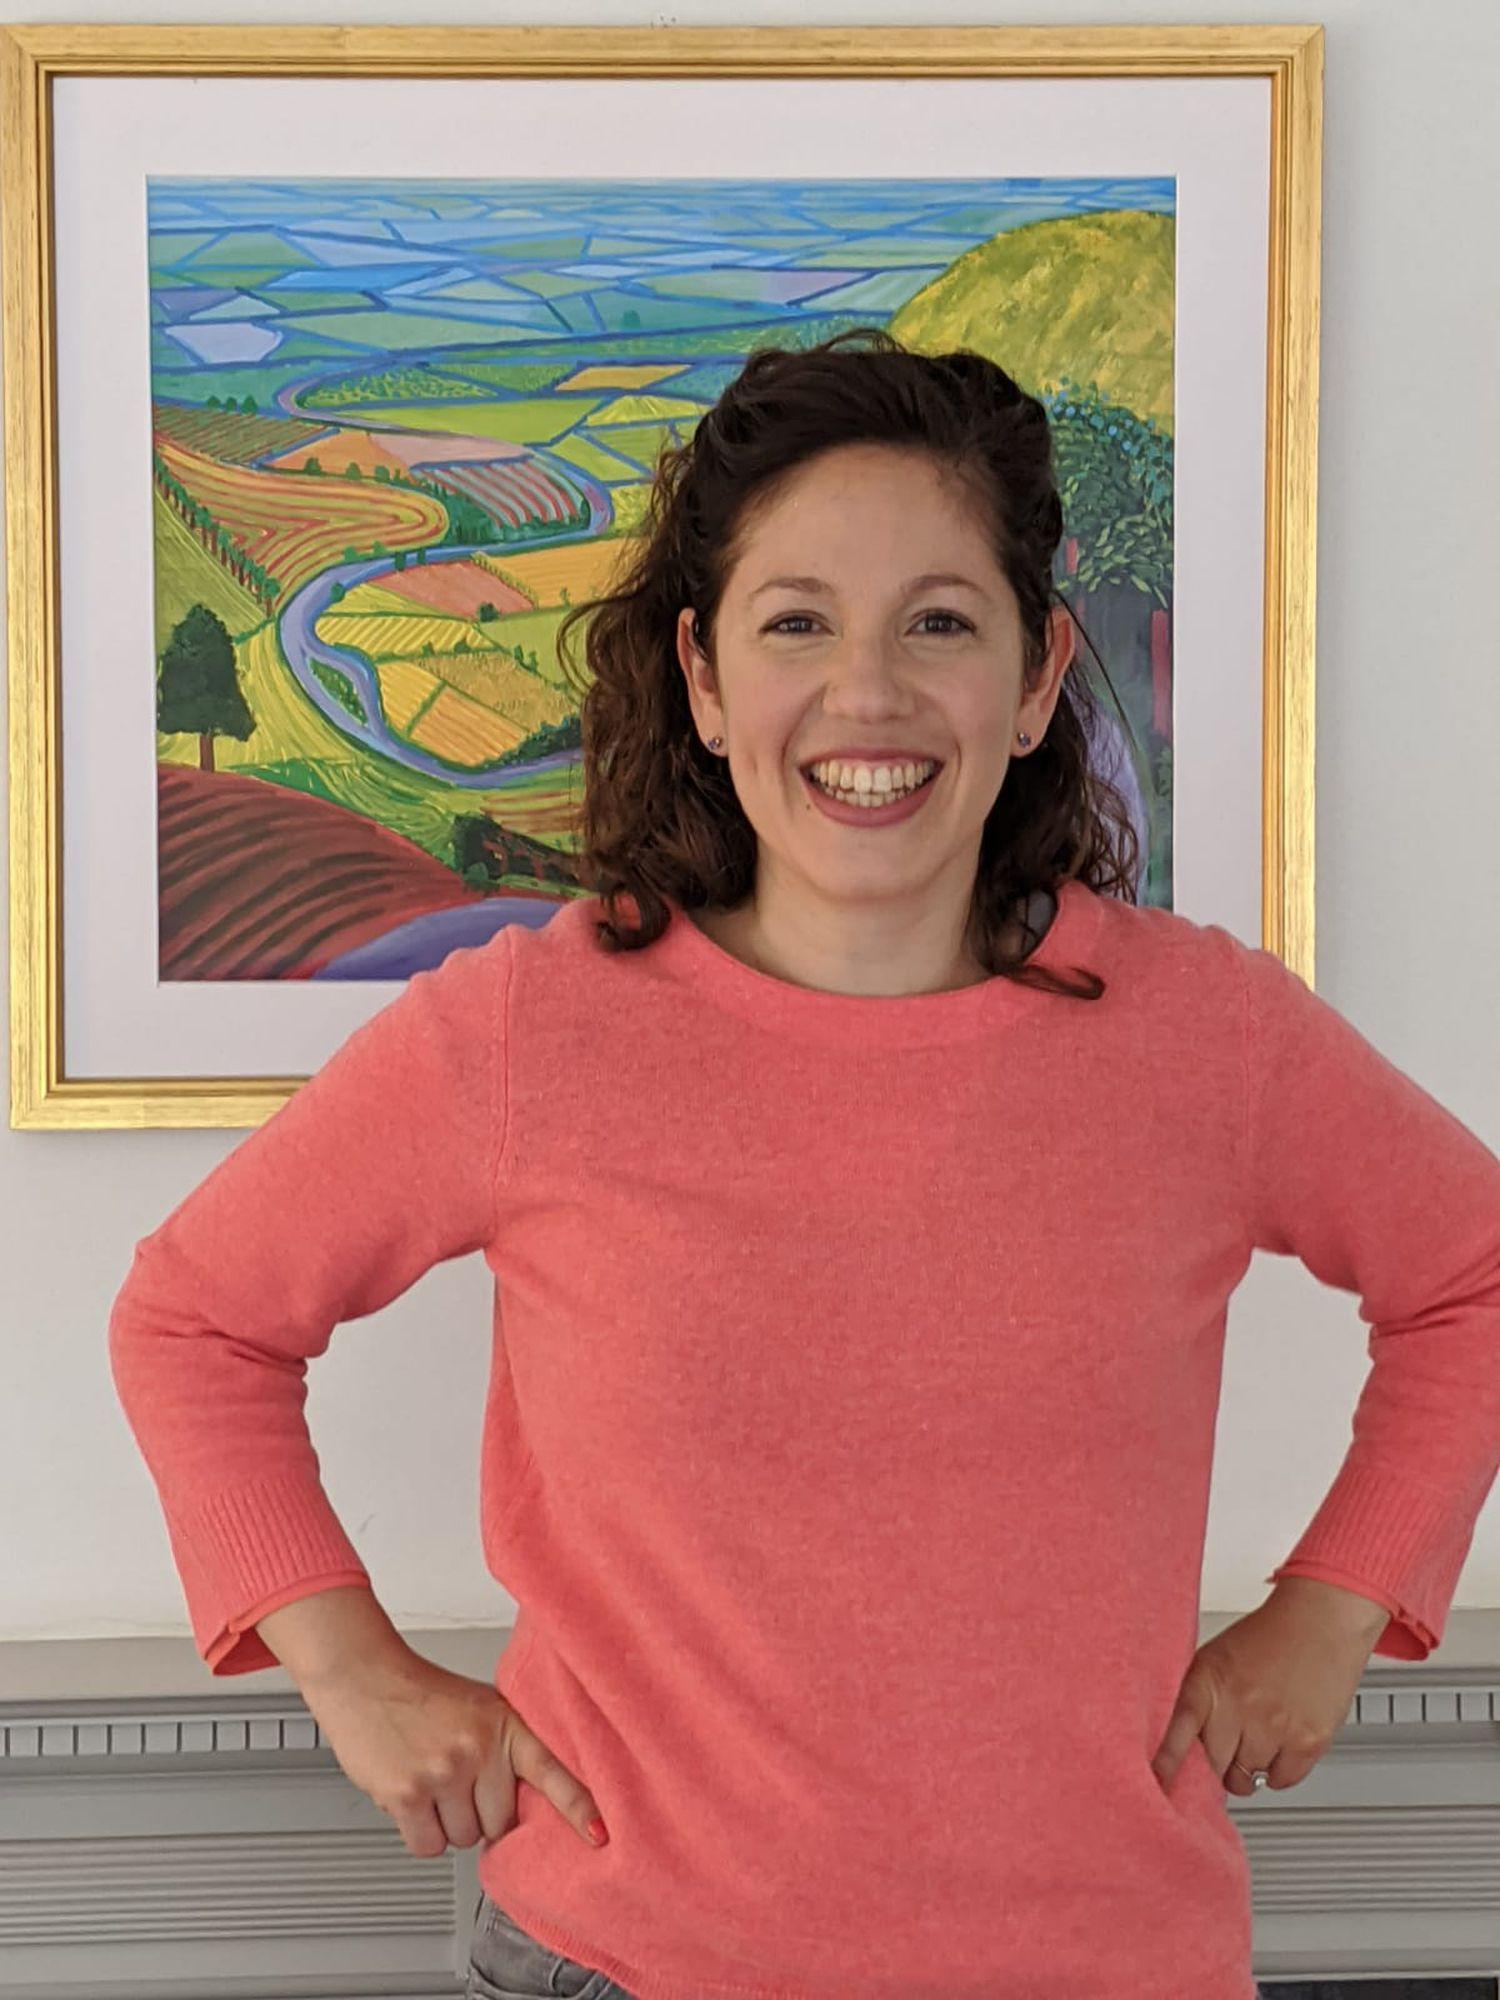 Kate Farrahi, miembro de la Facultad de Ciencias de la Computación de la Universidad de Southampton.